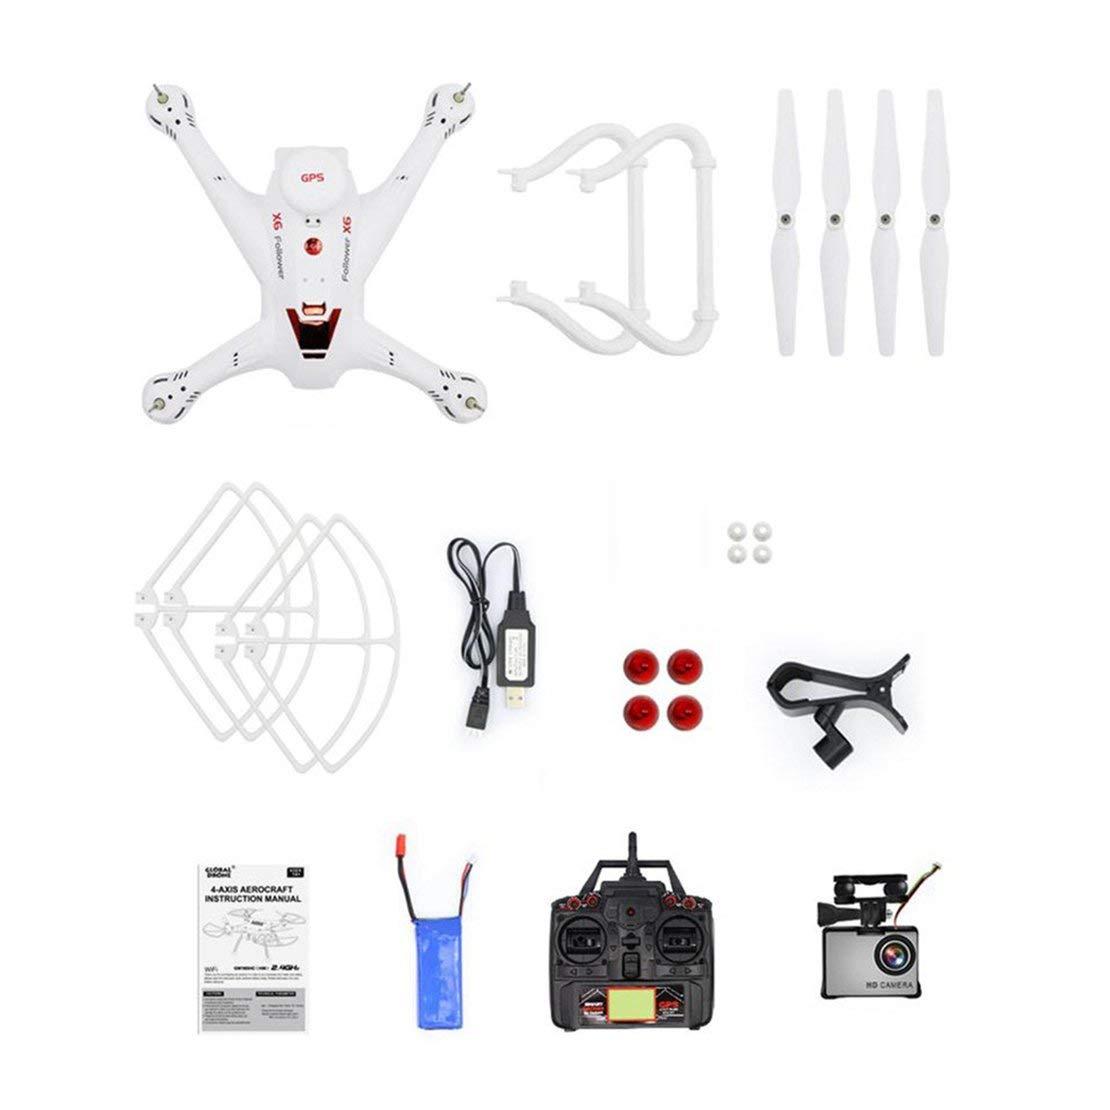 Sanzhileg X183S RC Drohne mit 720P 5G Kamera Headless Modus Höhe Halten Sie eine Taste Return Mini Fernbedienung GPS Quadrocopter - Weiß